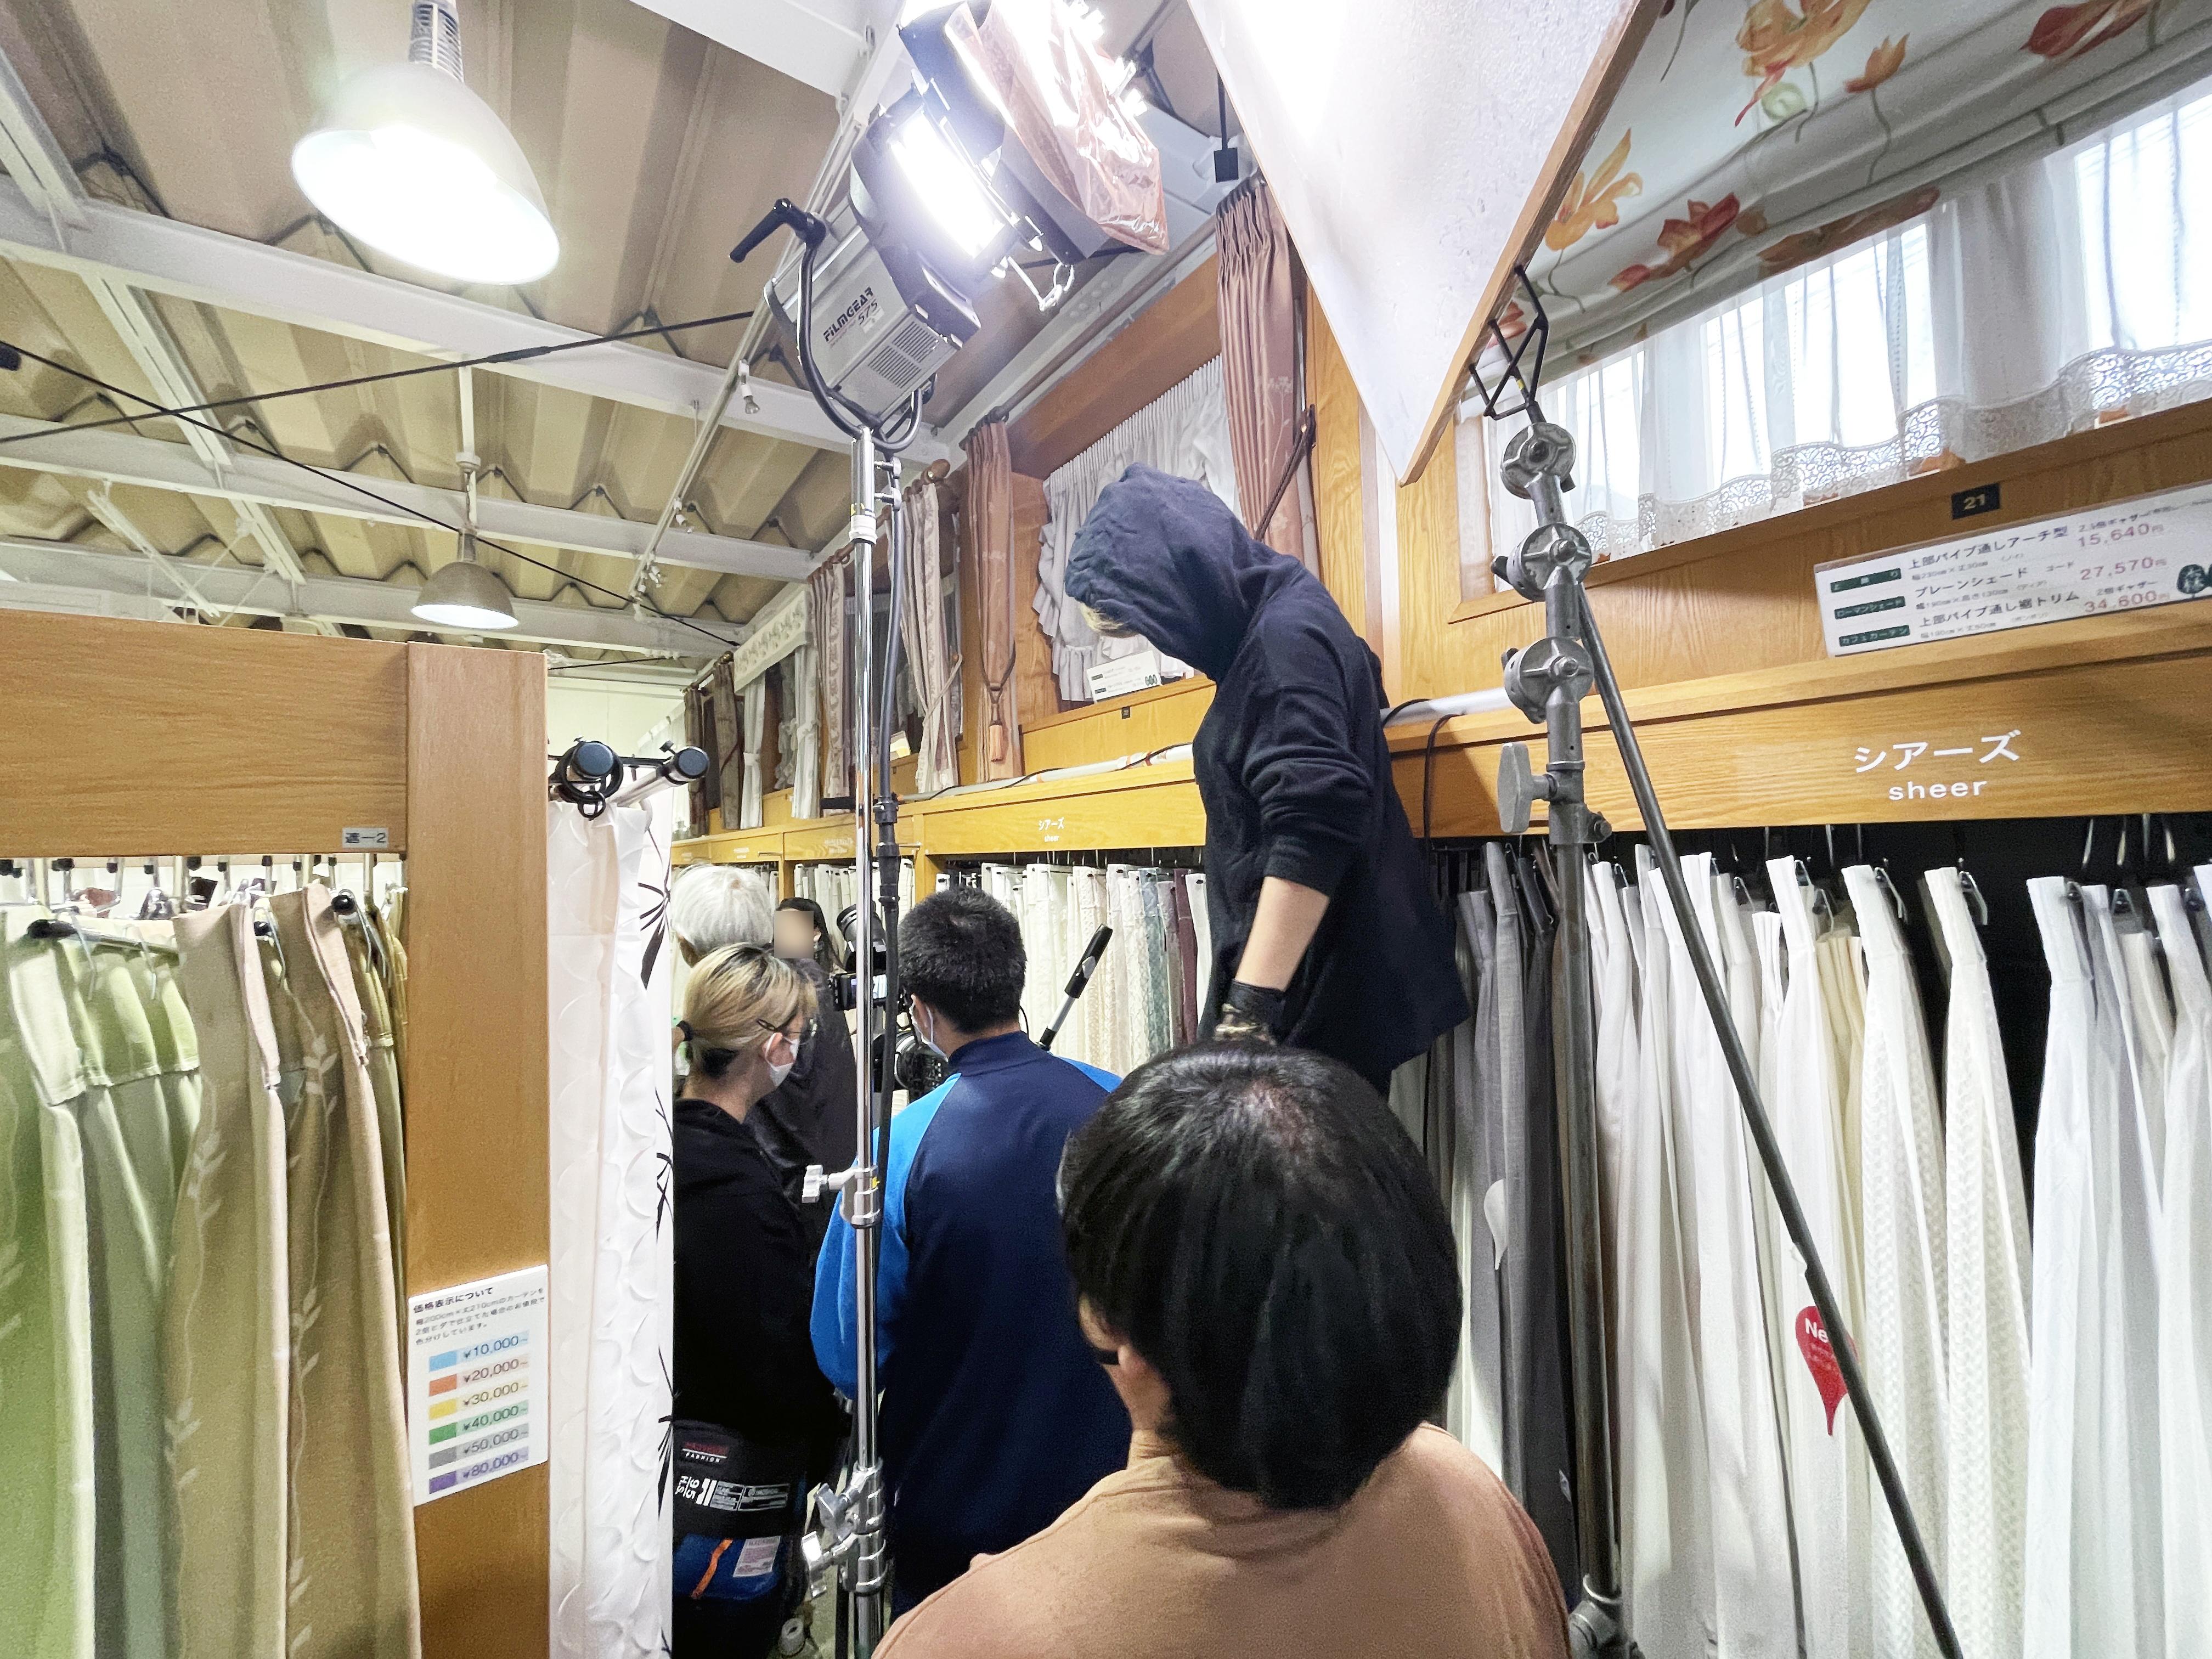 日本映画大学の学生さんが撮影実習で森の風に